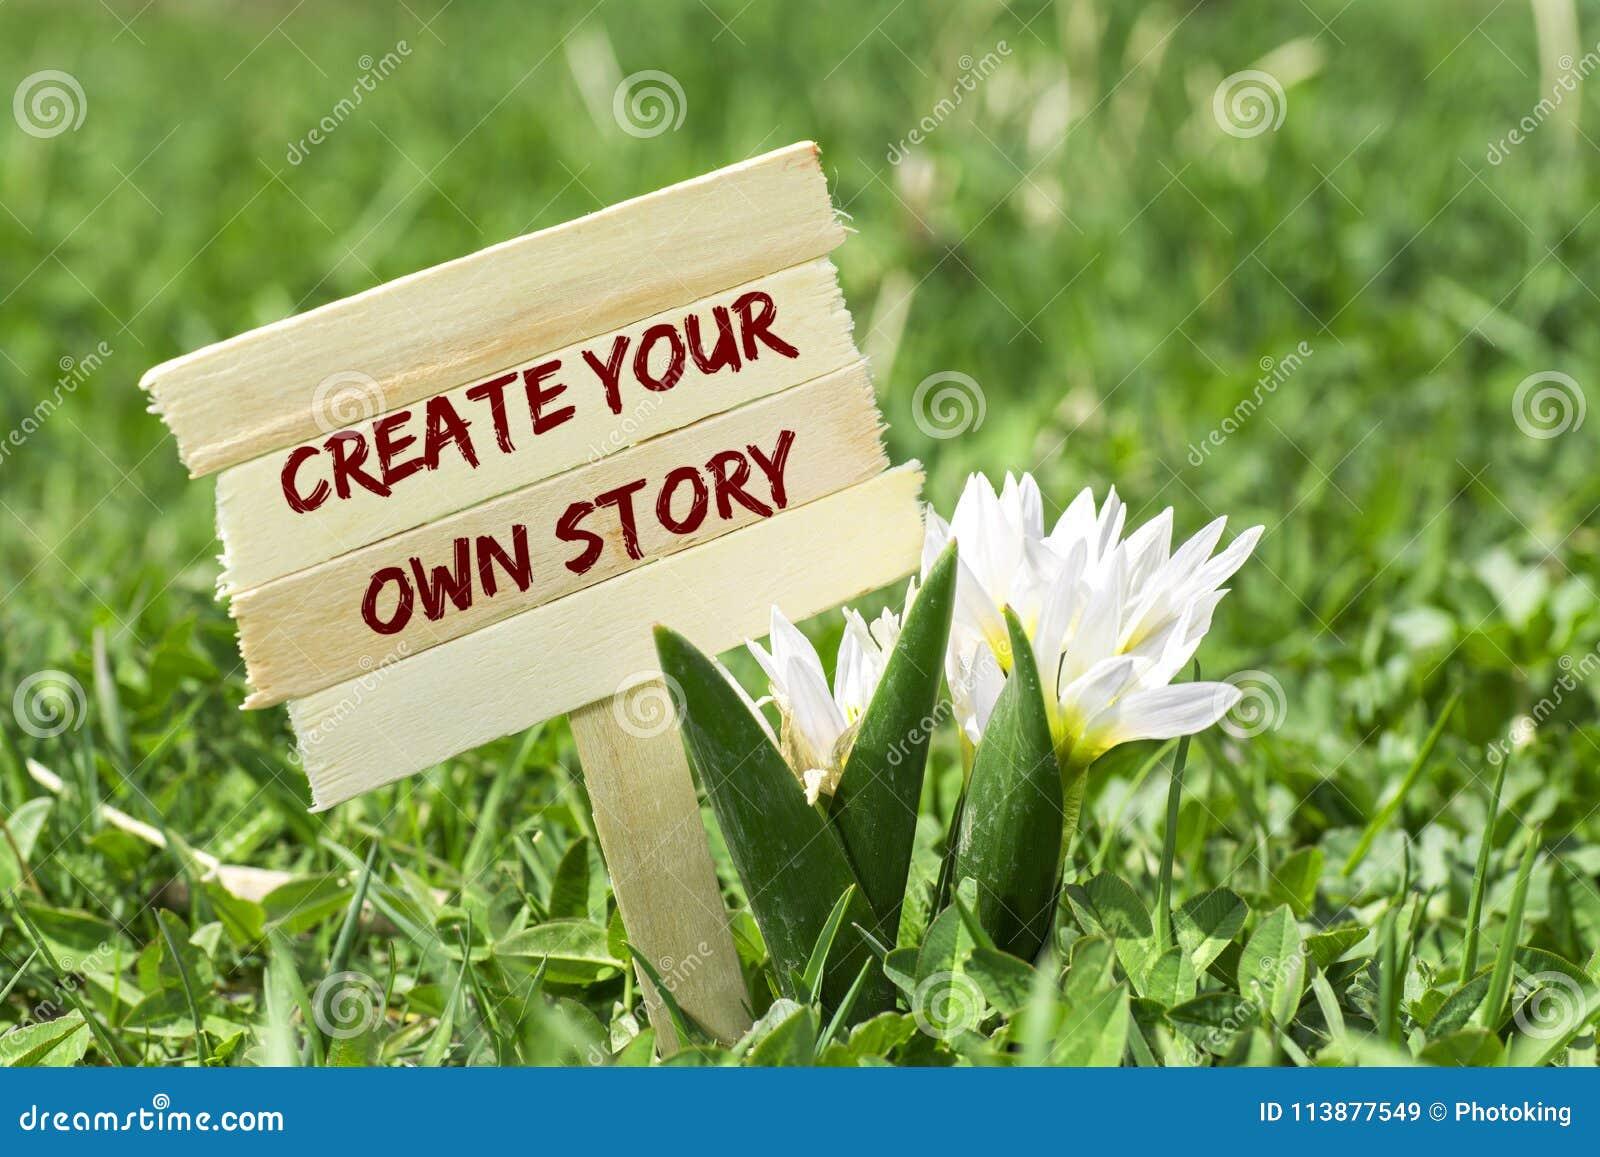 创造您自己的故事